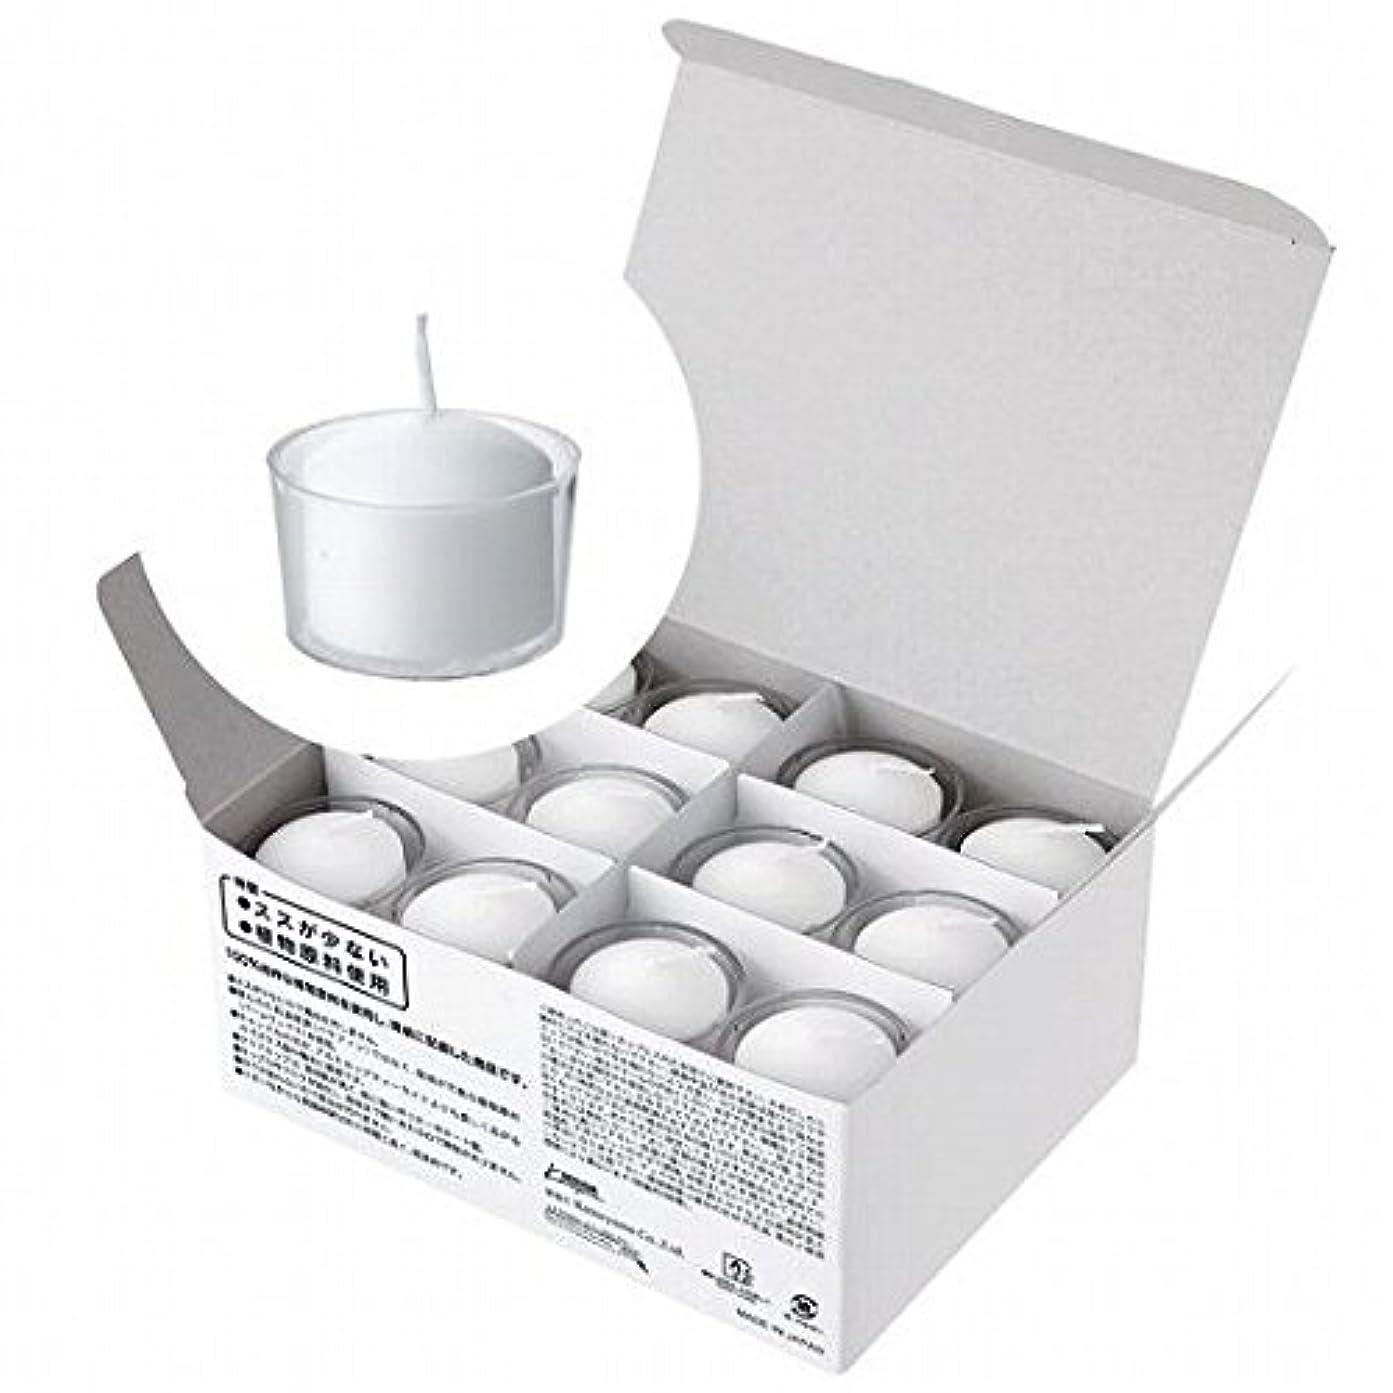 信号ライドデンプシーkameyama candle(カメヤマキャンドル) クレア 5時間タイプ24個入り【ススが出にくいキャンドル】「 ホワイト 」(A8165524W)